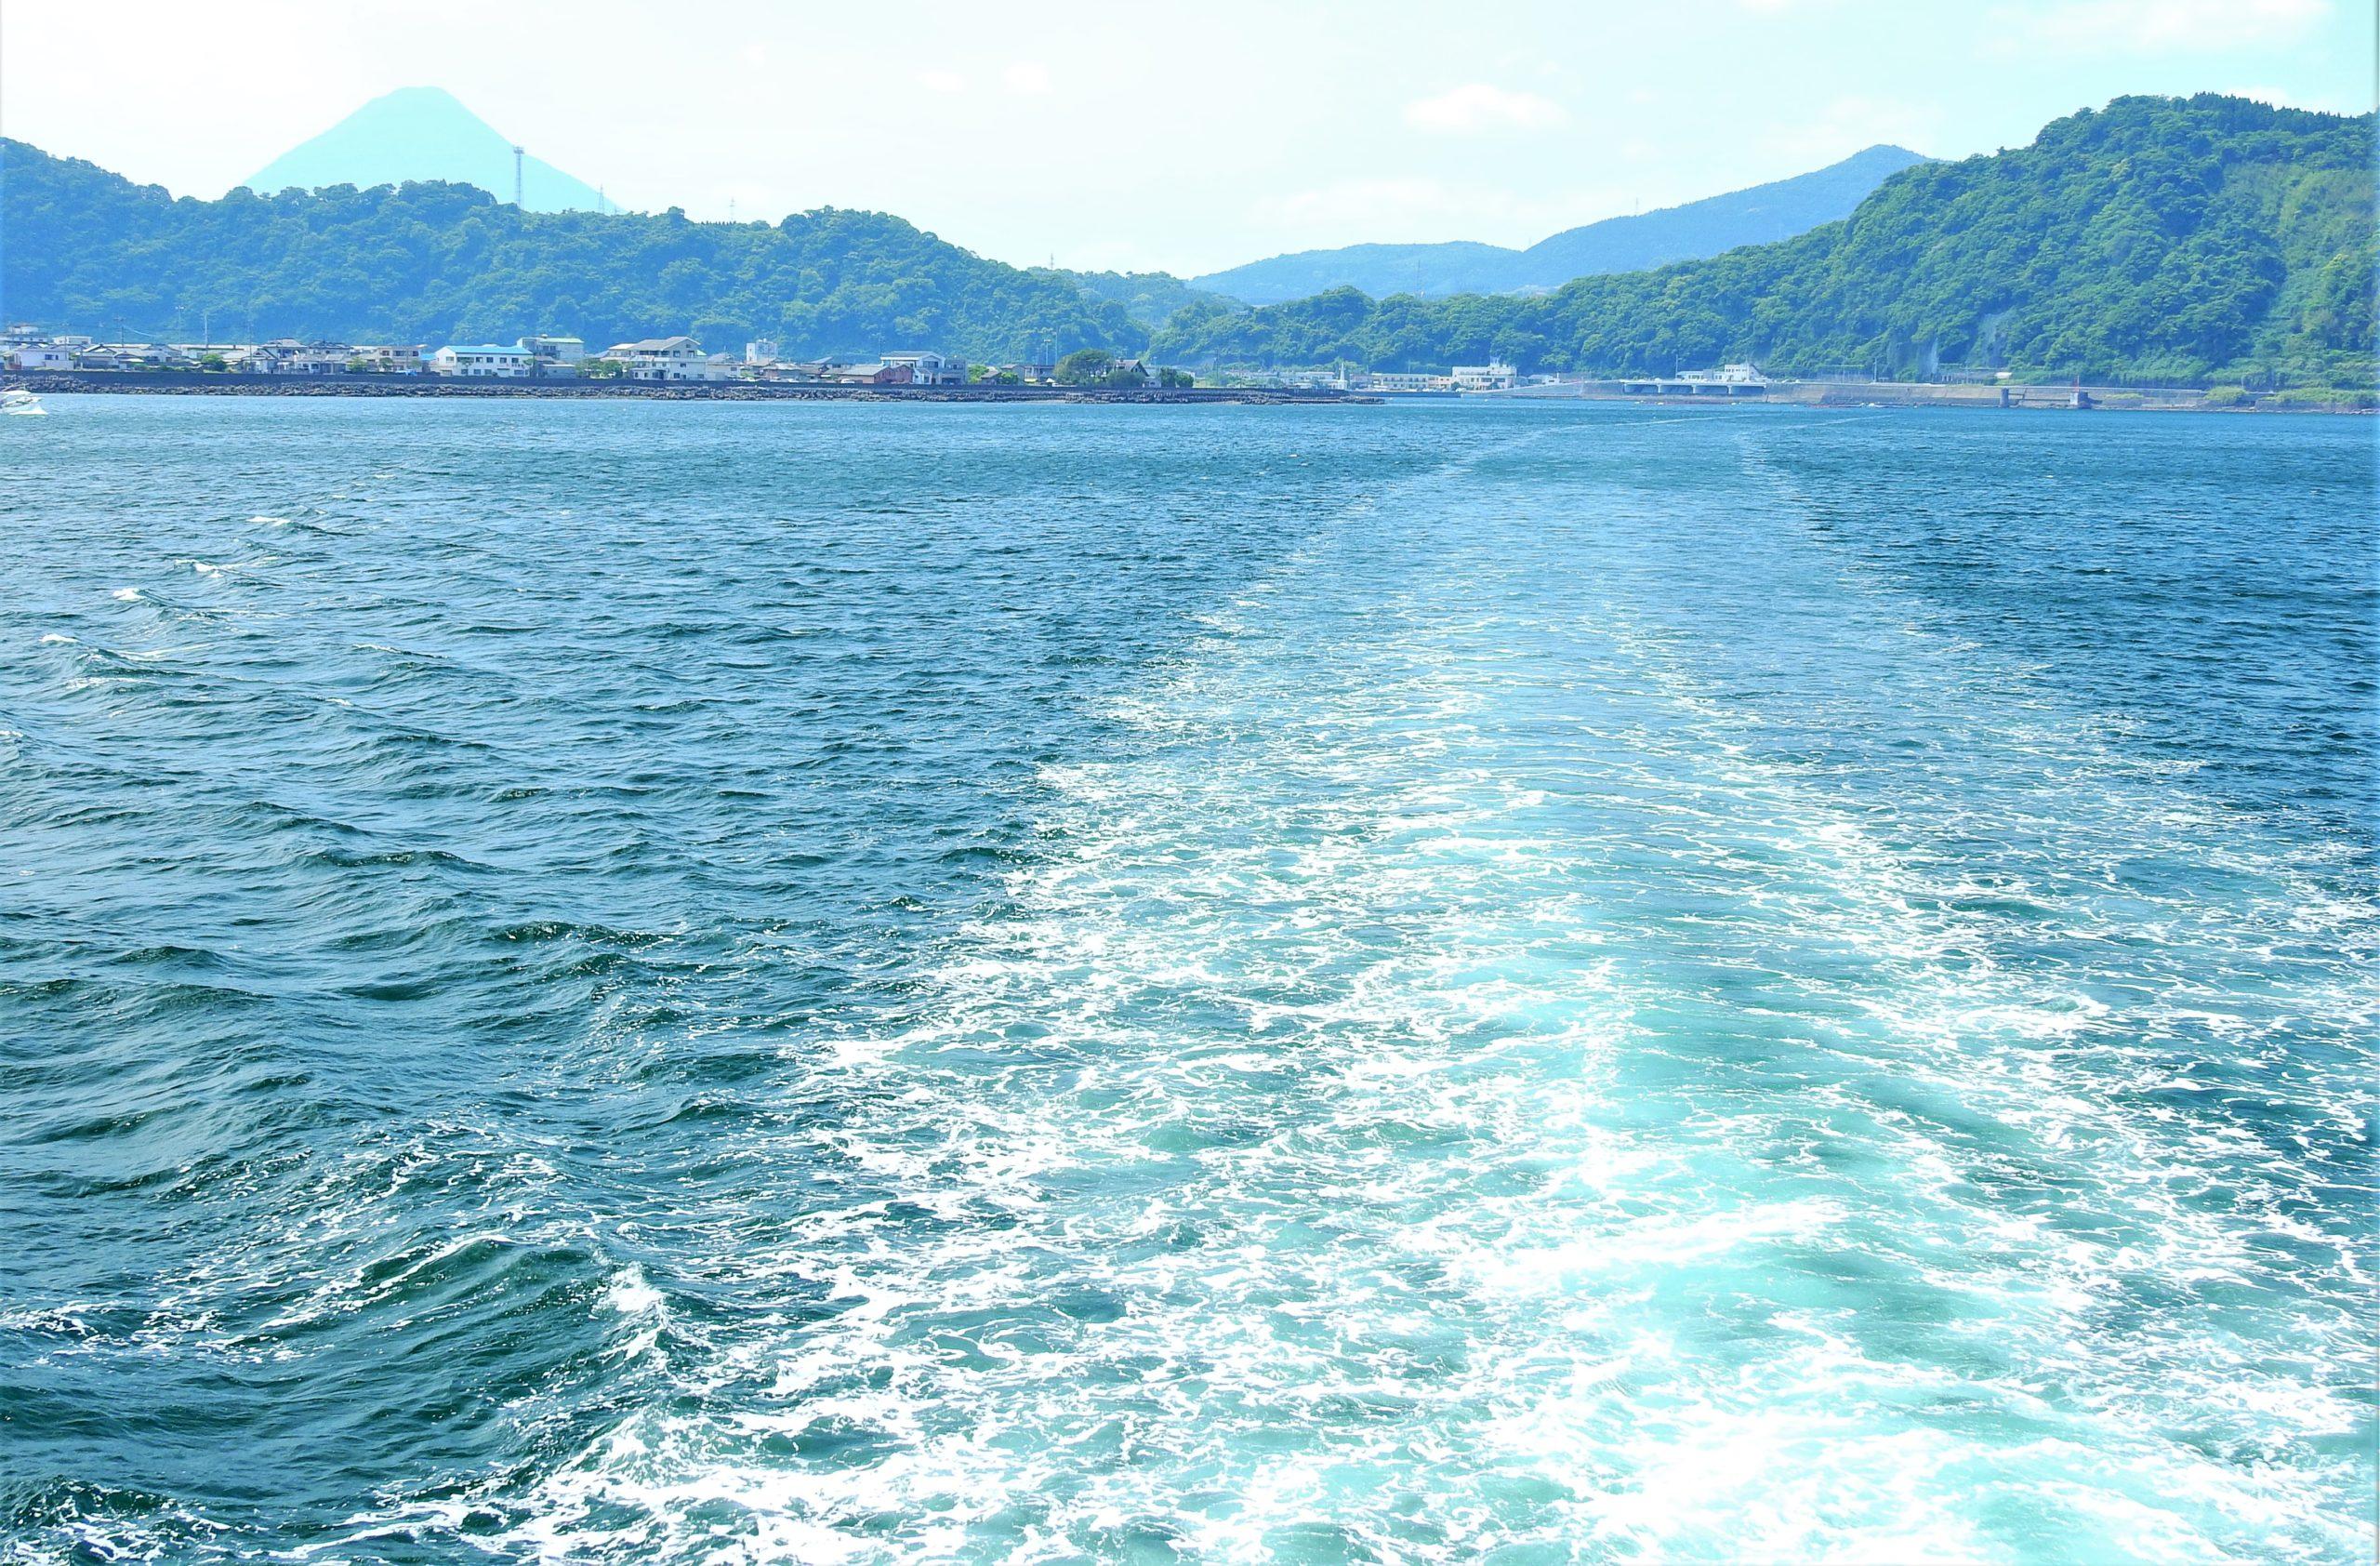 鹿児島県 山川港